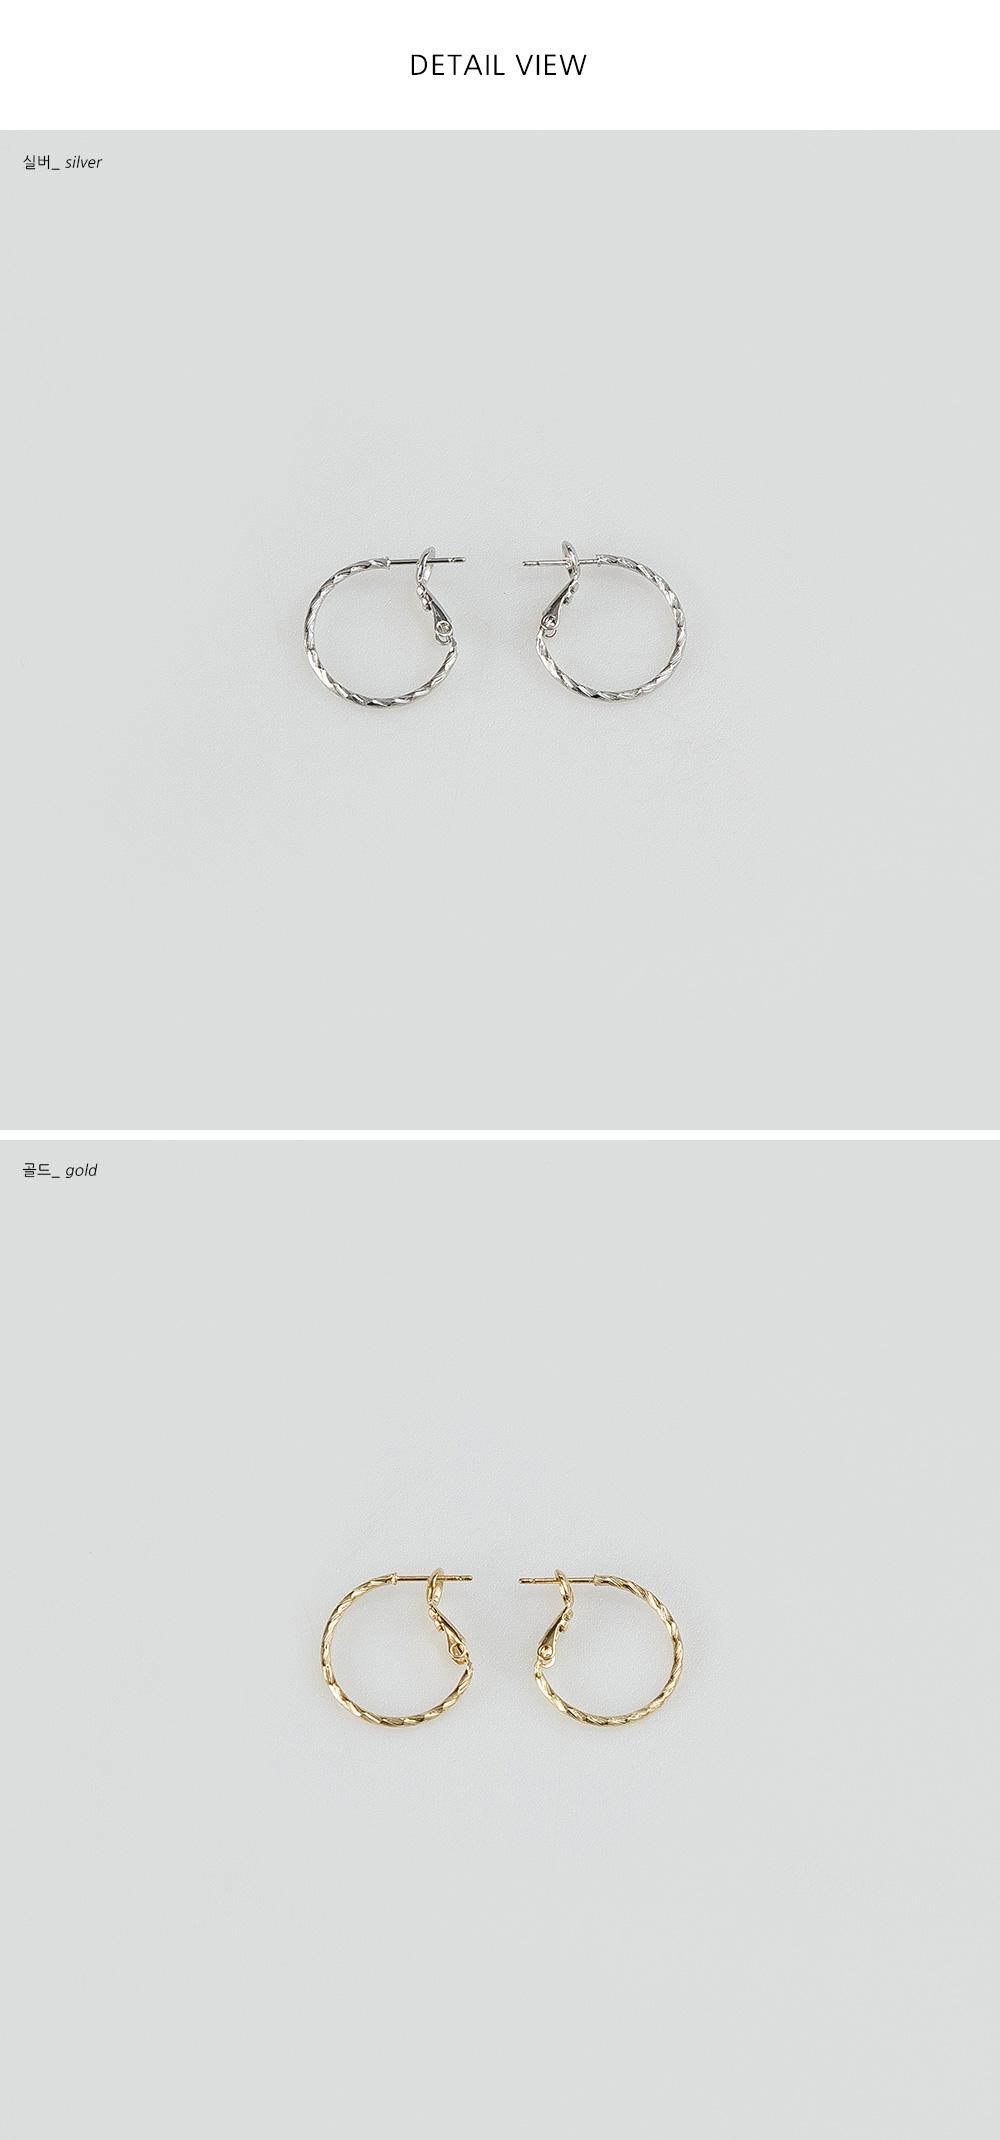 Twist design ring earrings